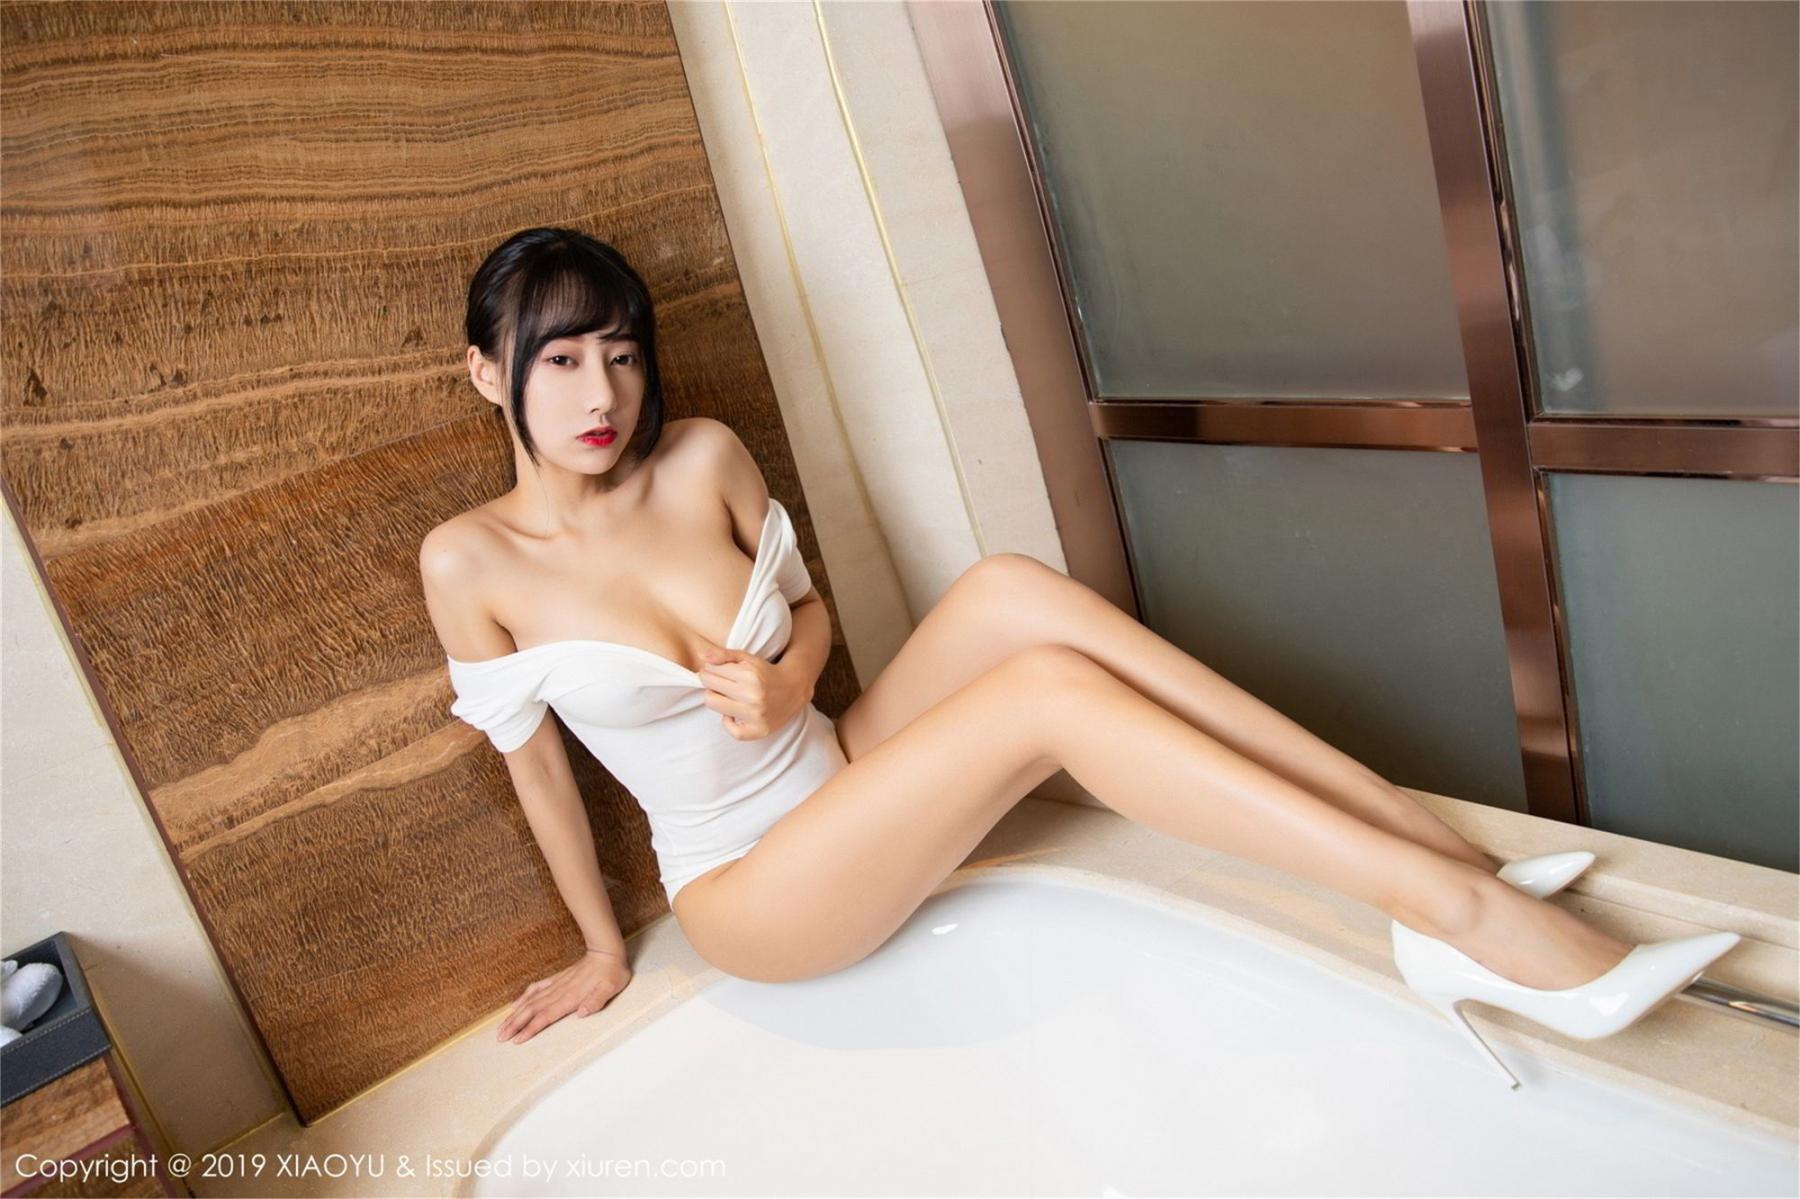 [XiaoYu] Vol.116 He Jia Ying 16P, Bathroom, He Jia Ying, Wet, XiaoYu